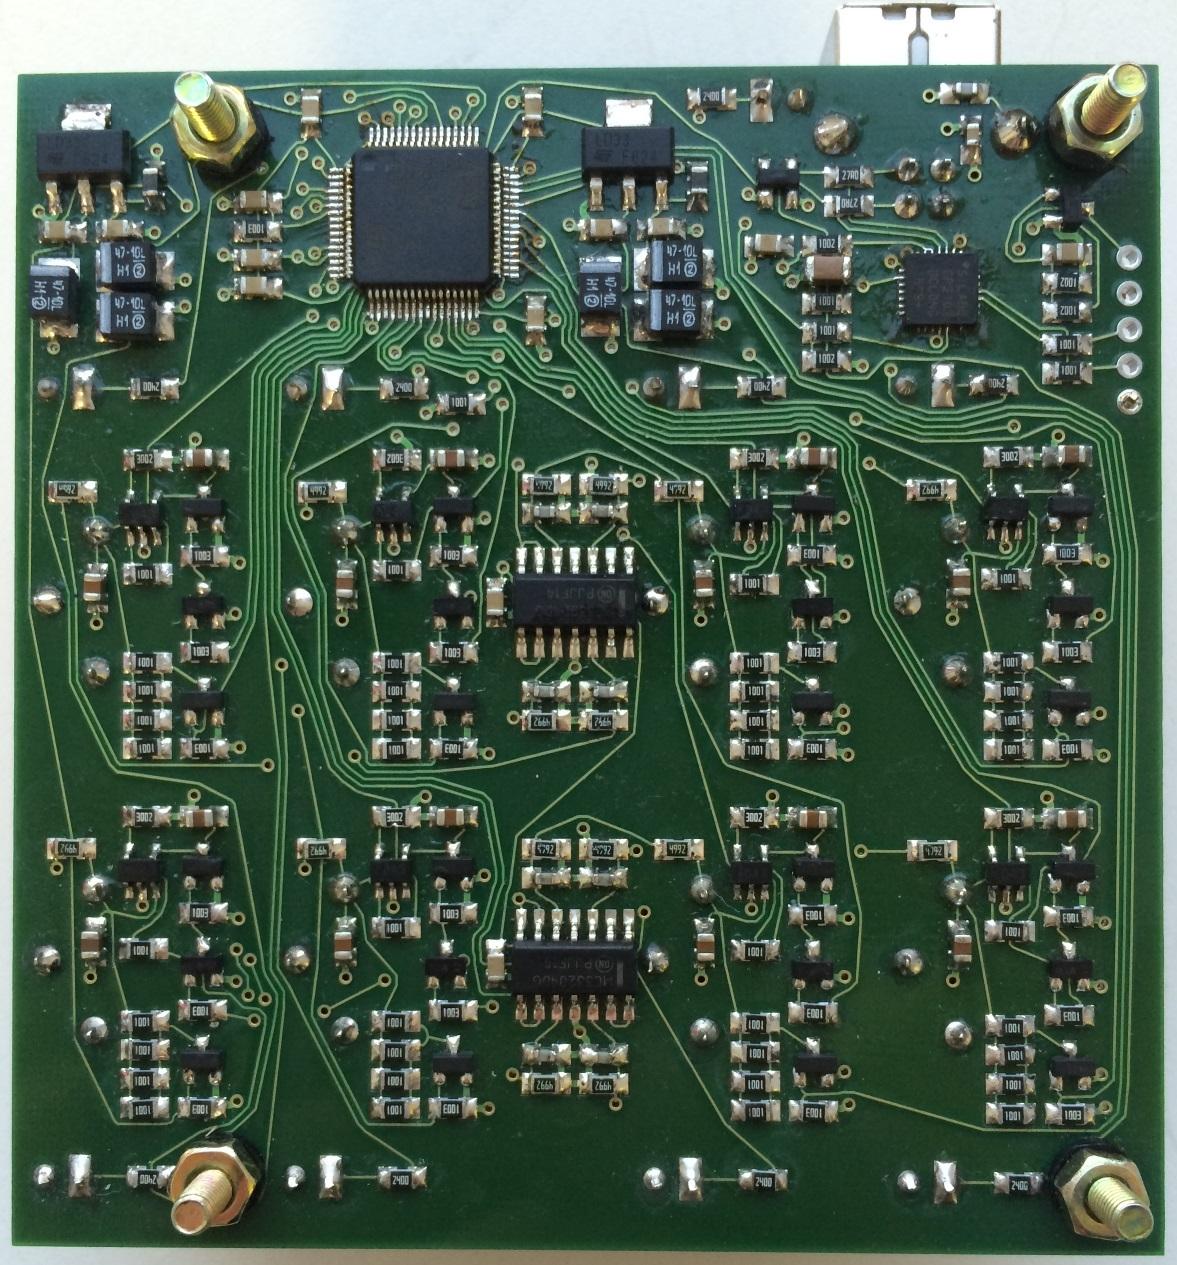 Про мой LIR2032 и CR2032 тестер, сами батарейки и накопленный опыт - 9